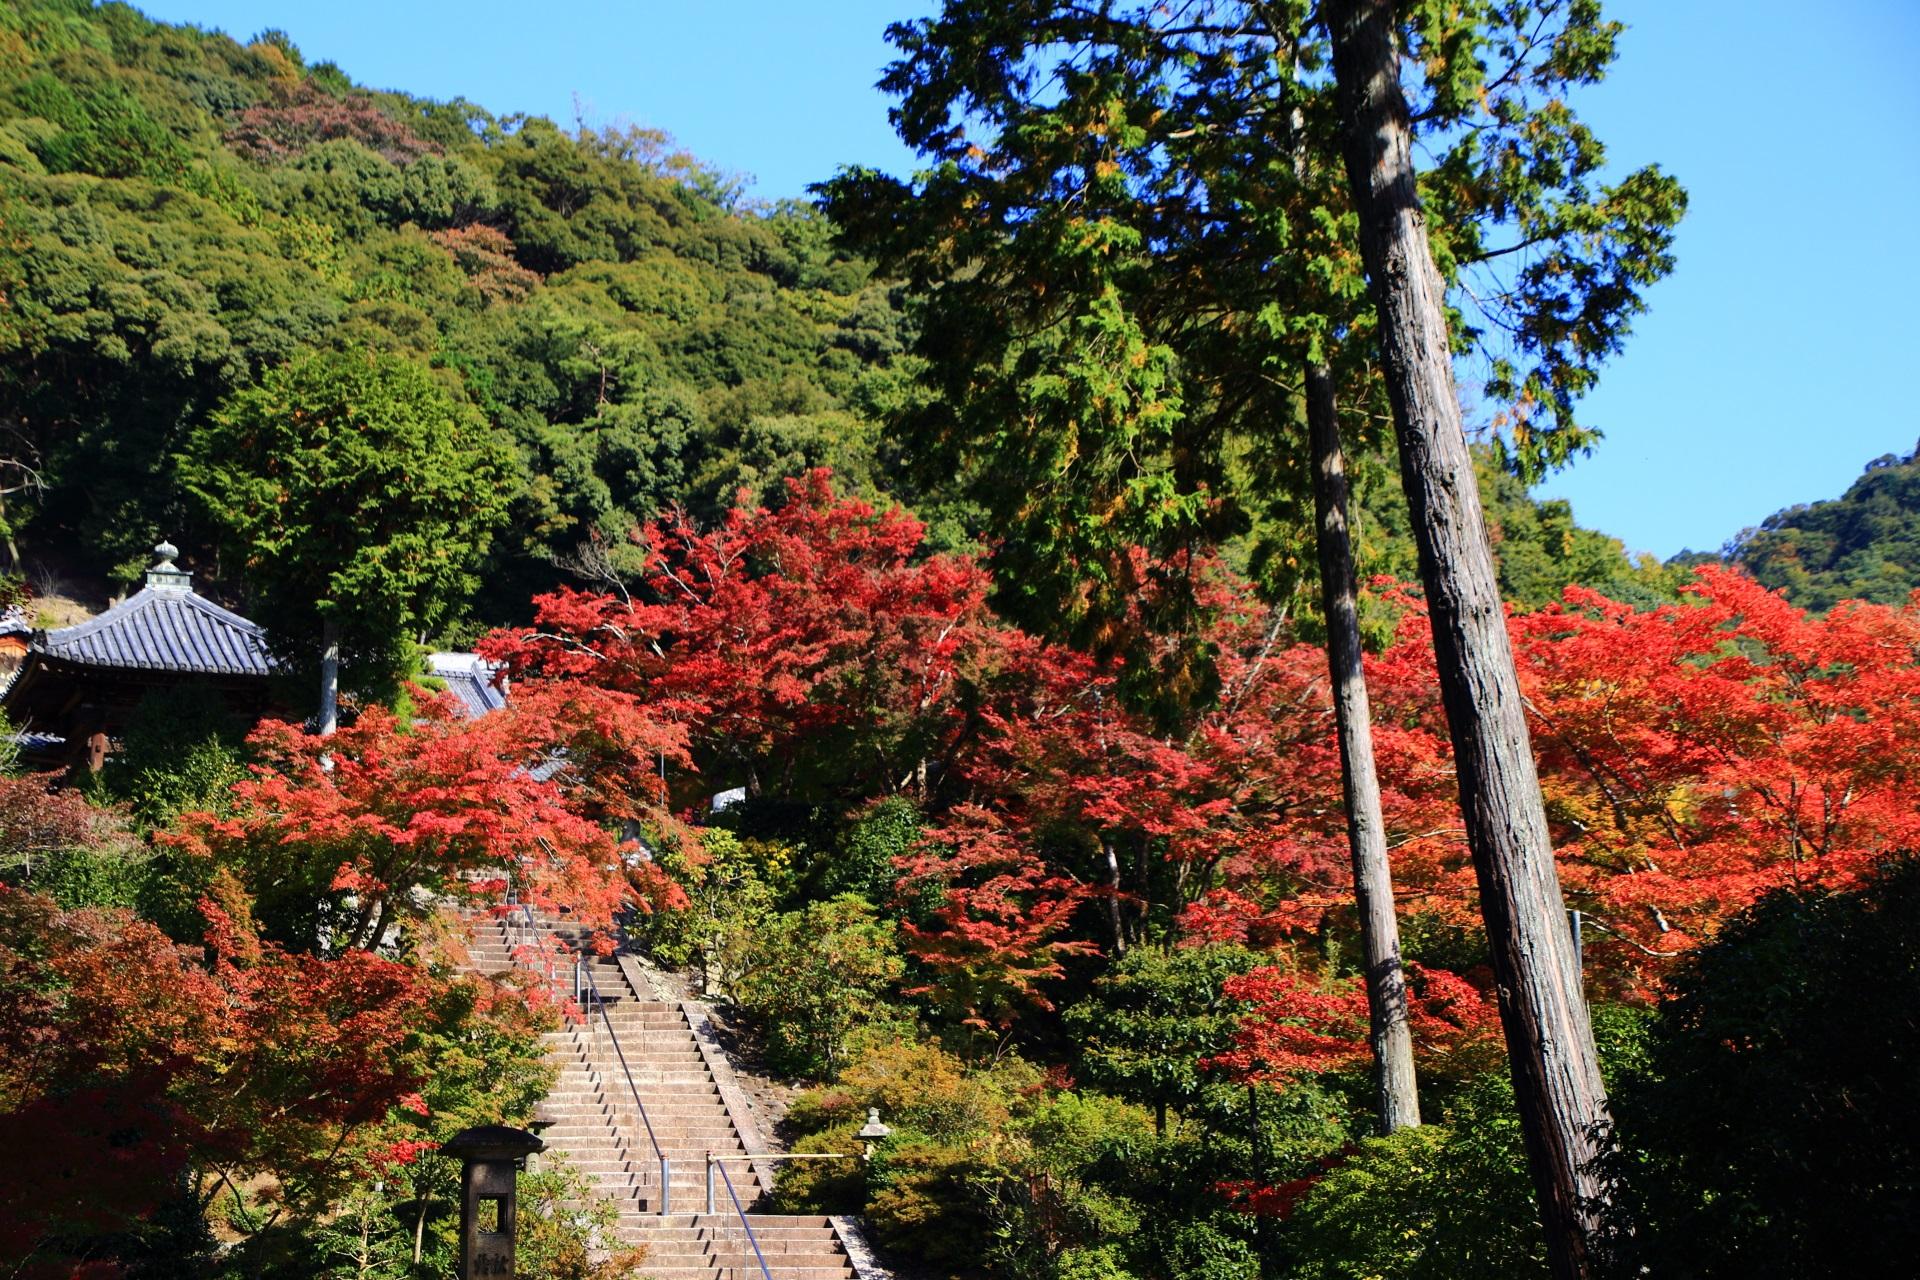 三室戸寺の本堂に続く石段の紅葉